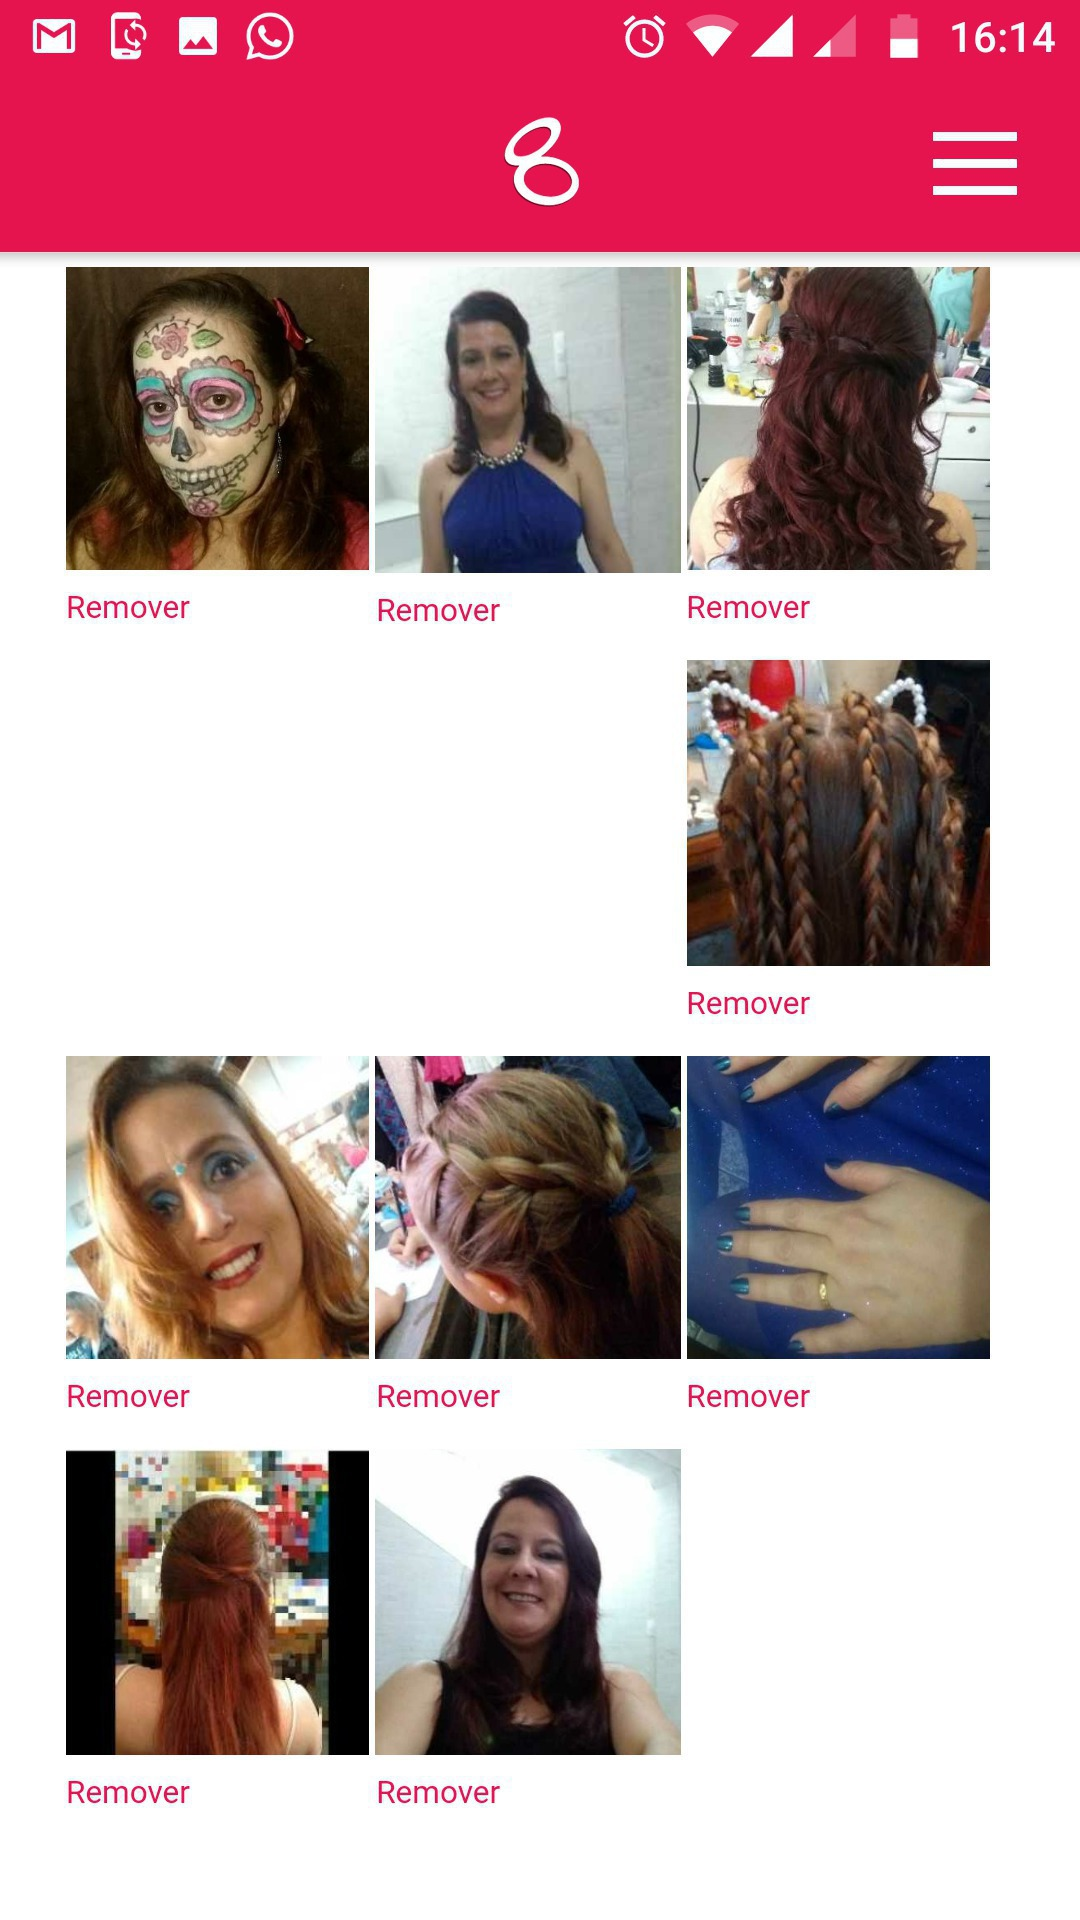 unha manicure e pedicure maquiador(a) estudante (massoterapeuta)